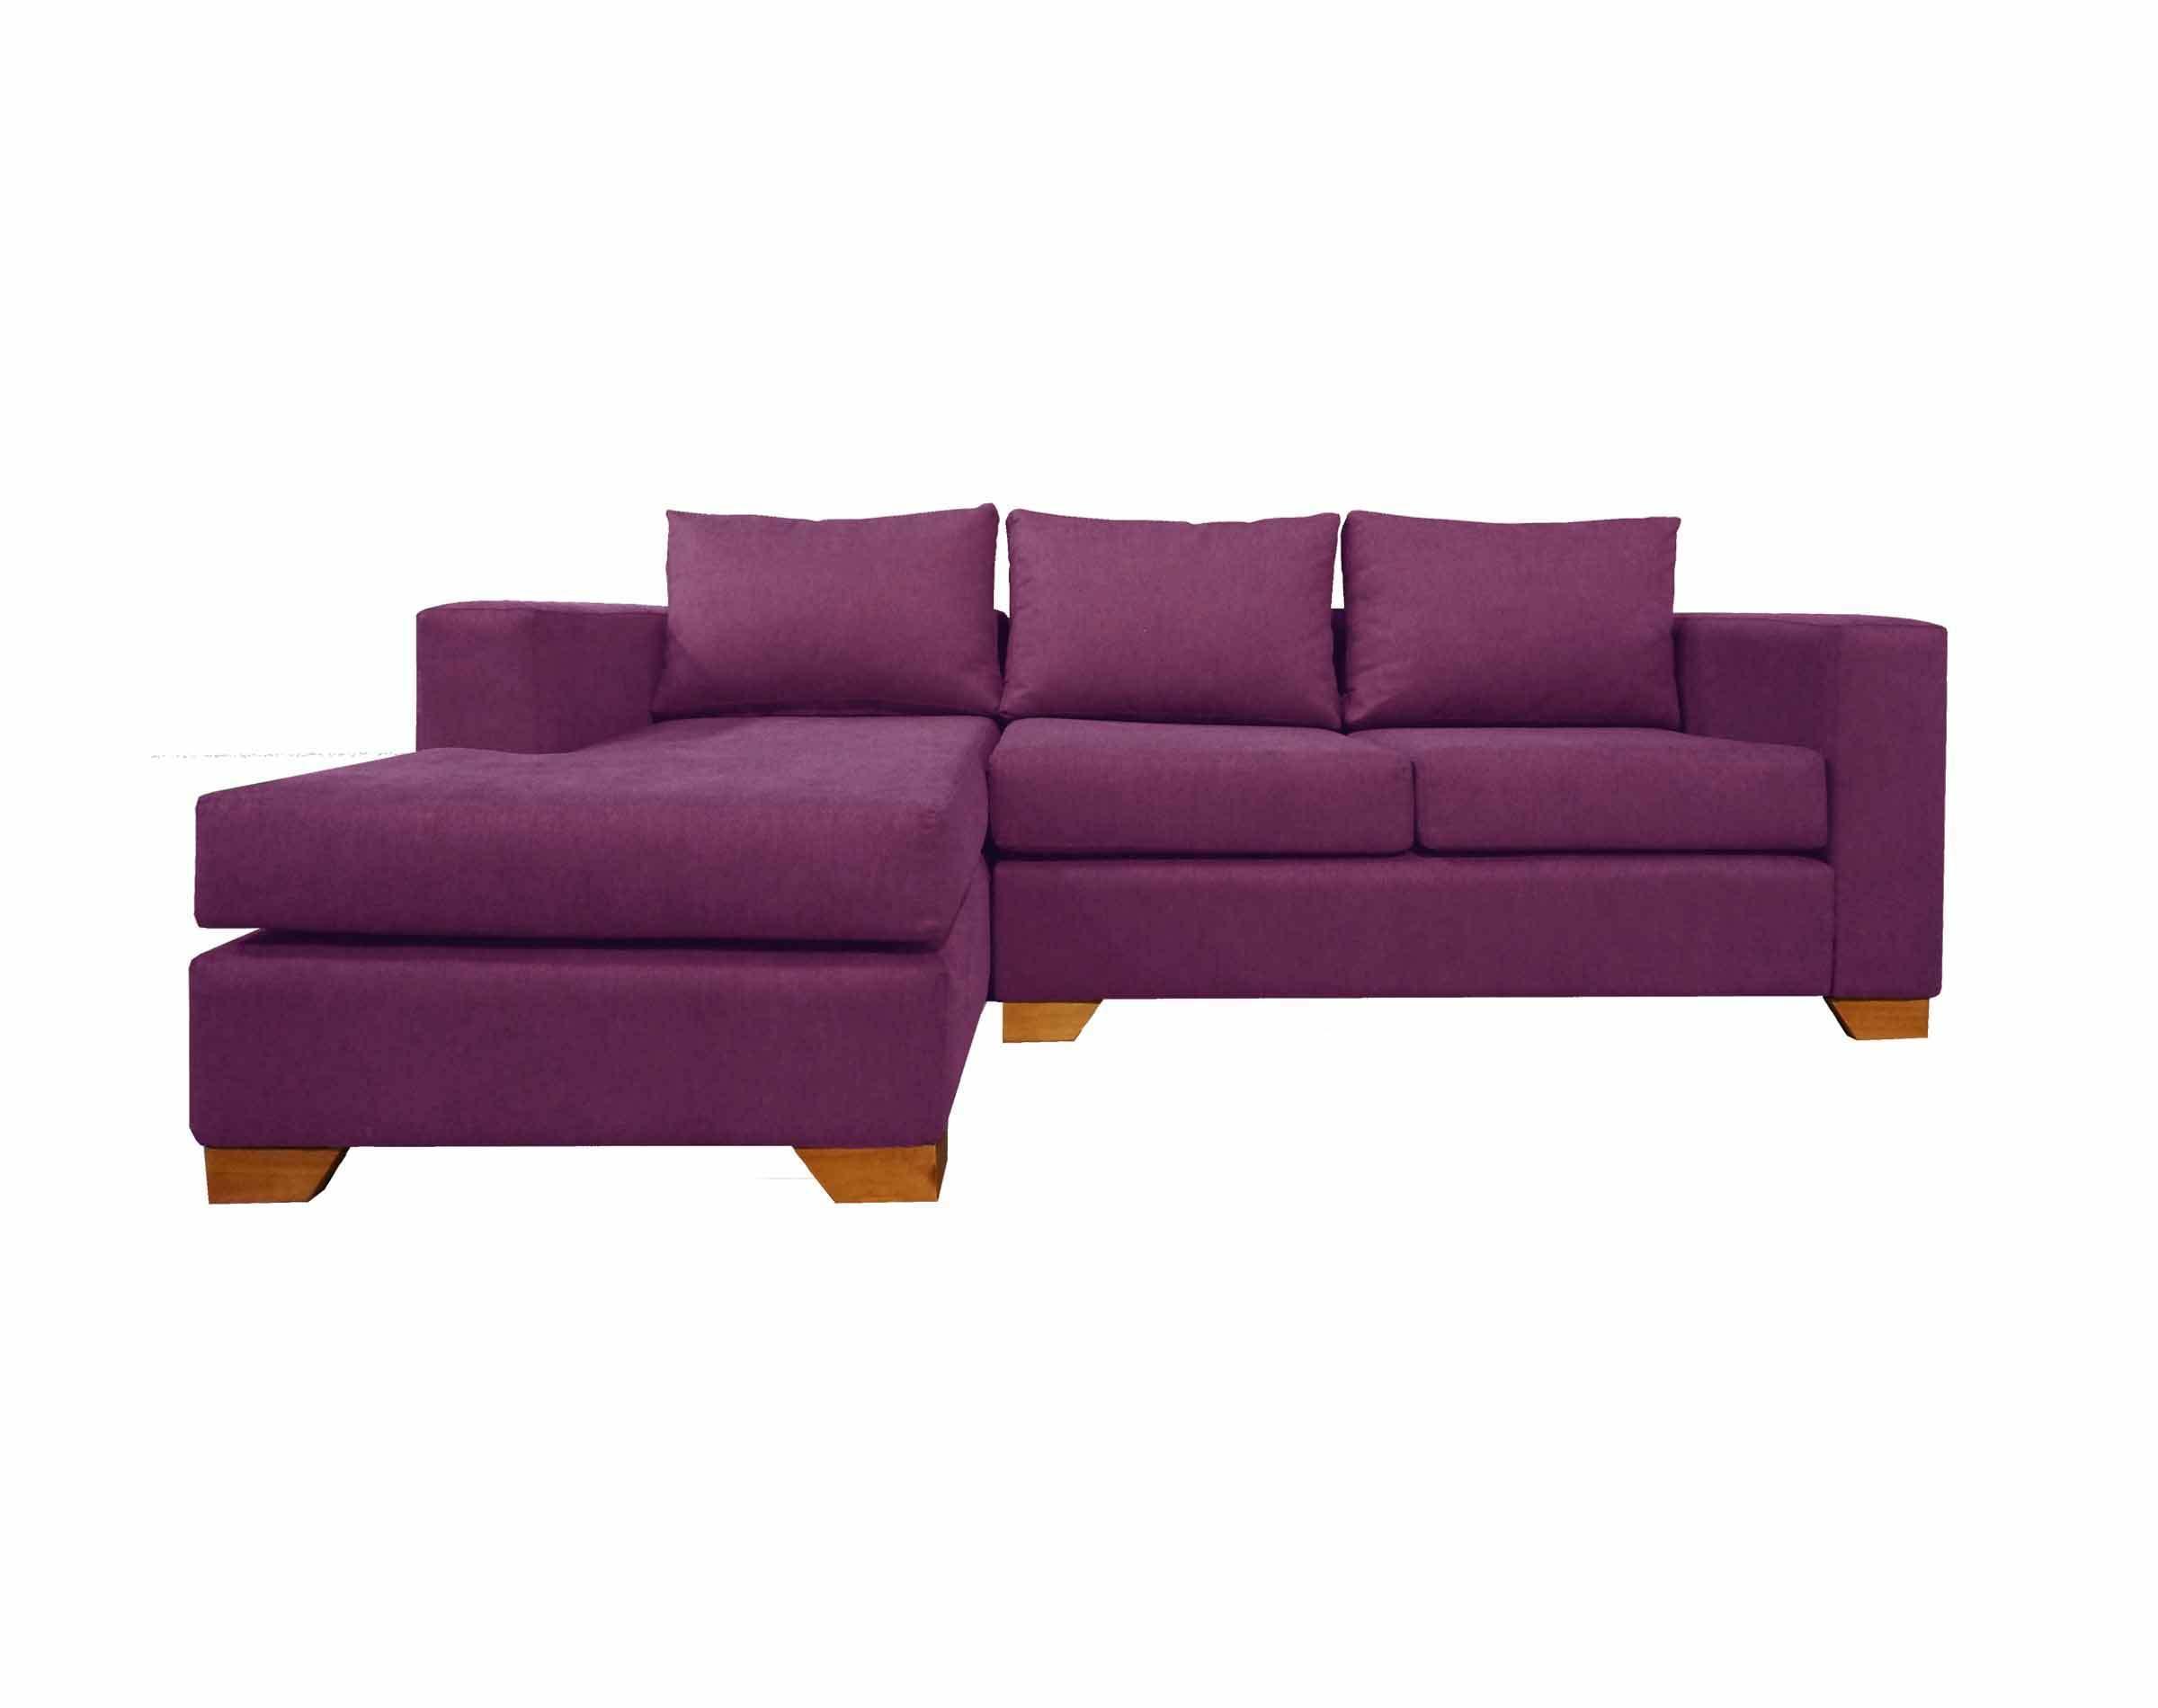 sofa-seccional-izquierdo-monaco-calafate-morado